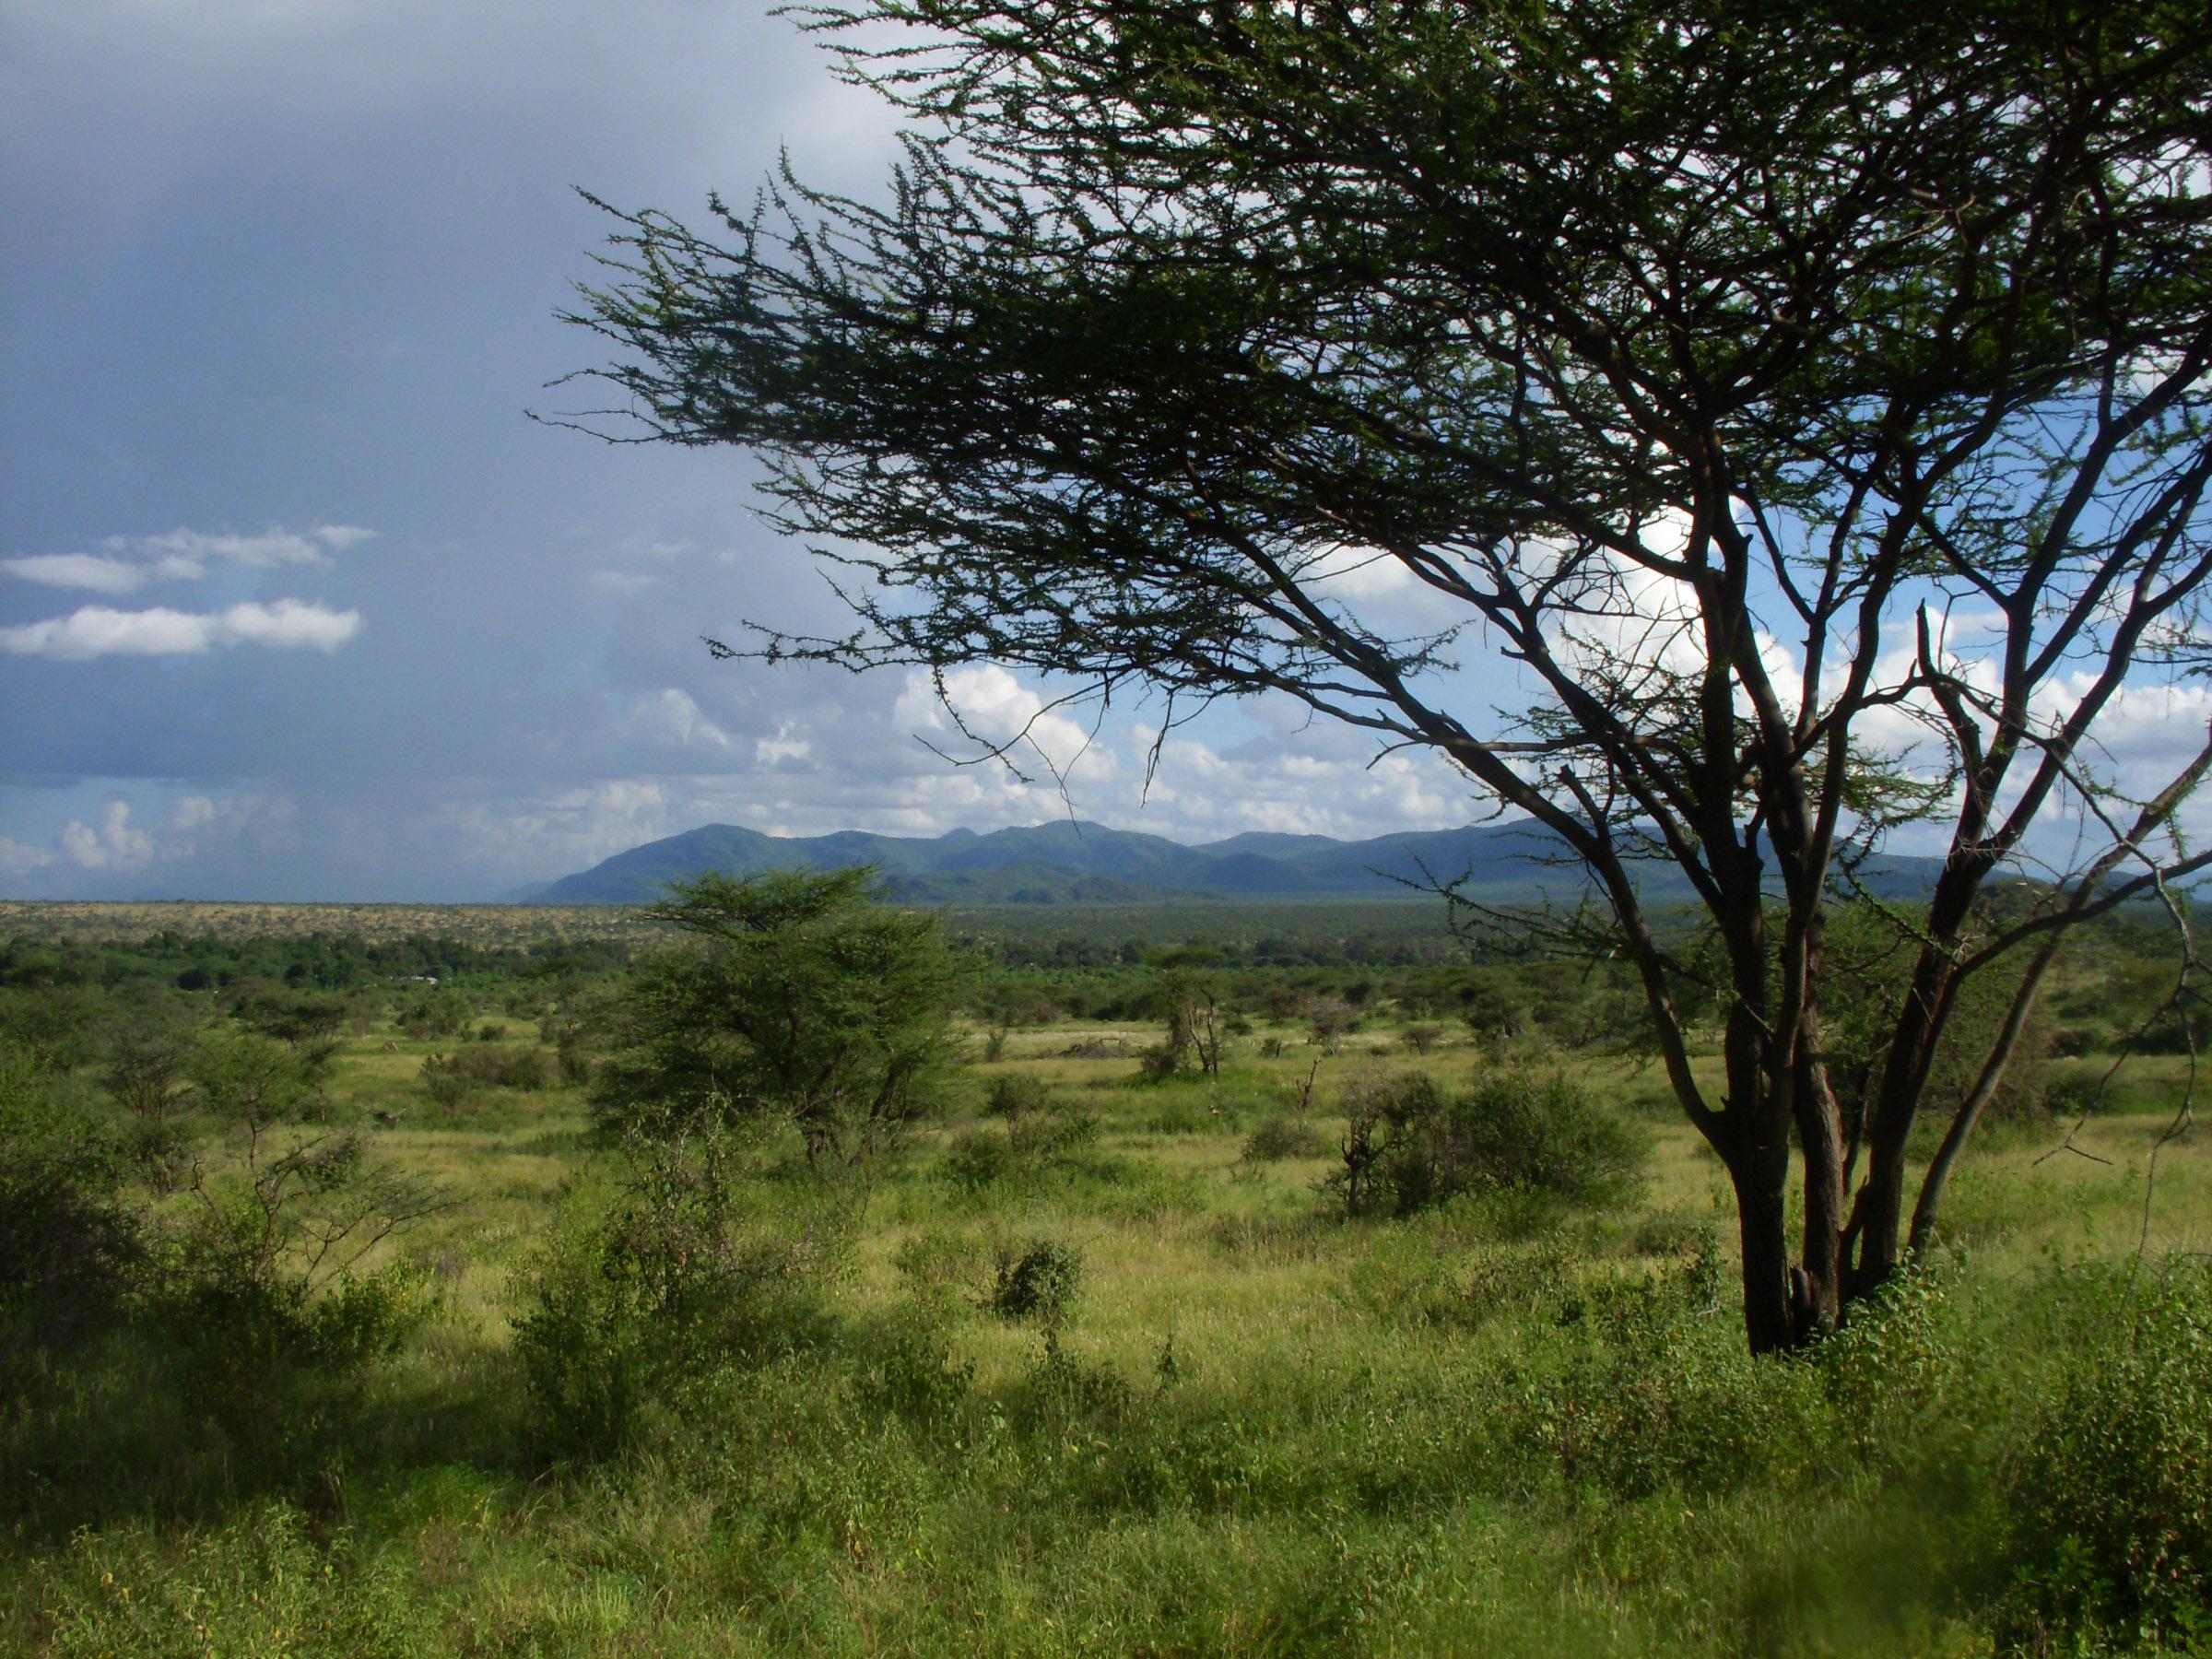 las sabanas los paisajes habituales de la evolución humana